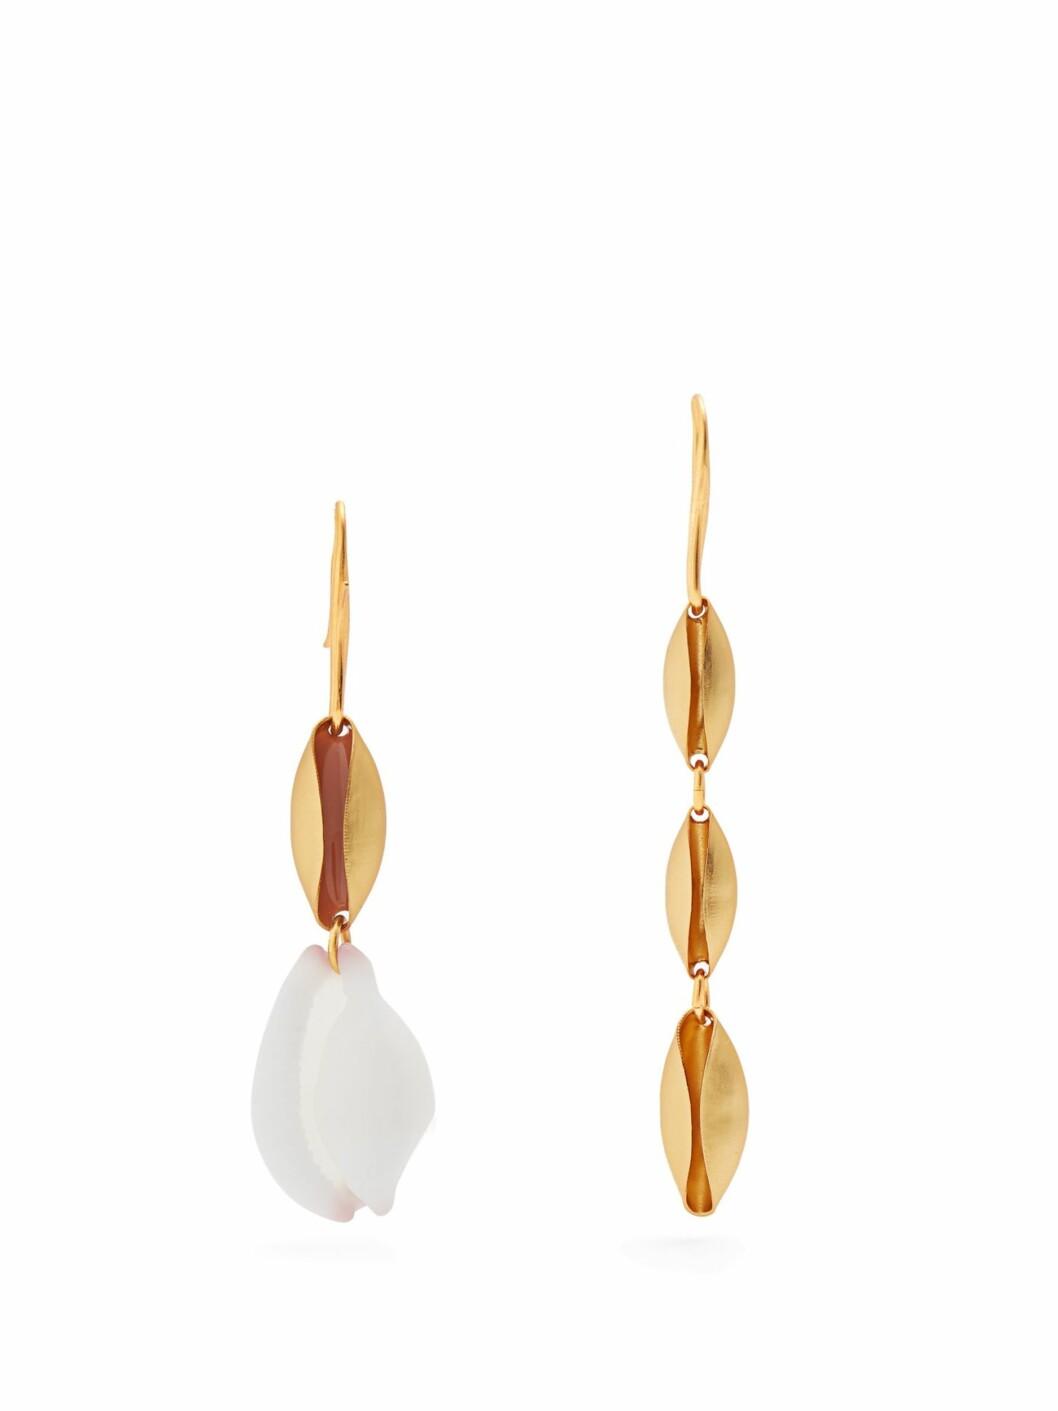 <strong>Øredobber fra Albus Lumen |1250,-| https:</strong>//www.matchesfashion.com/intl/products/Albus-Lumen-X-Ryan-Storer%09shell-embellished-earrings-1193428